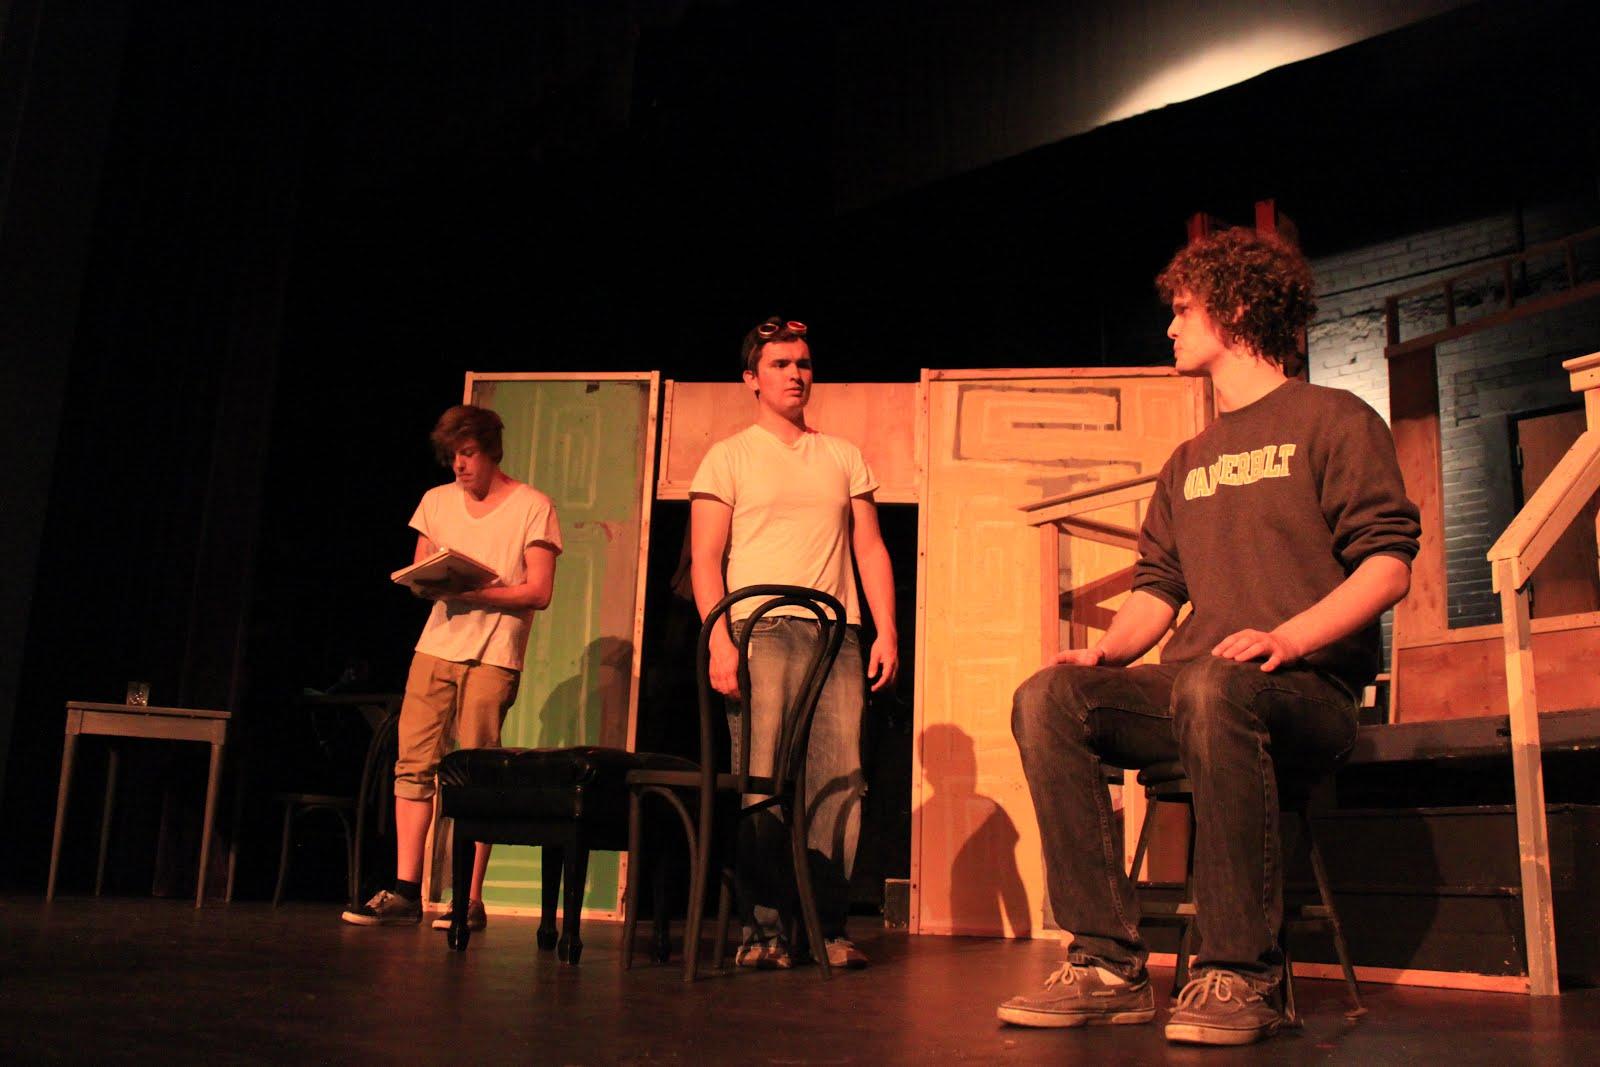 Frankenstein' stomps onto scene in auditorium – ECHO Newspaper